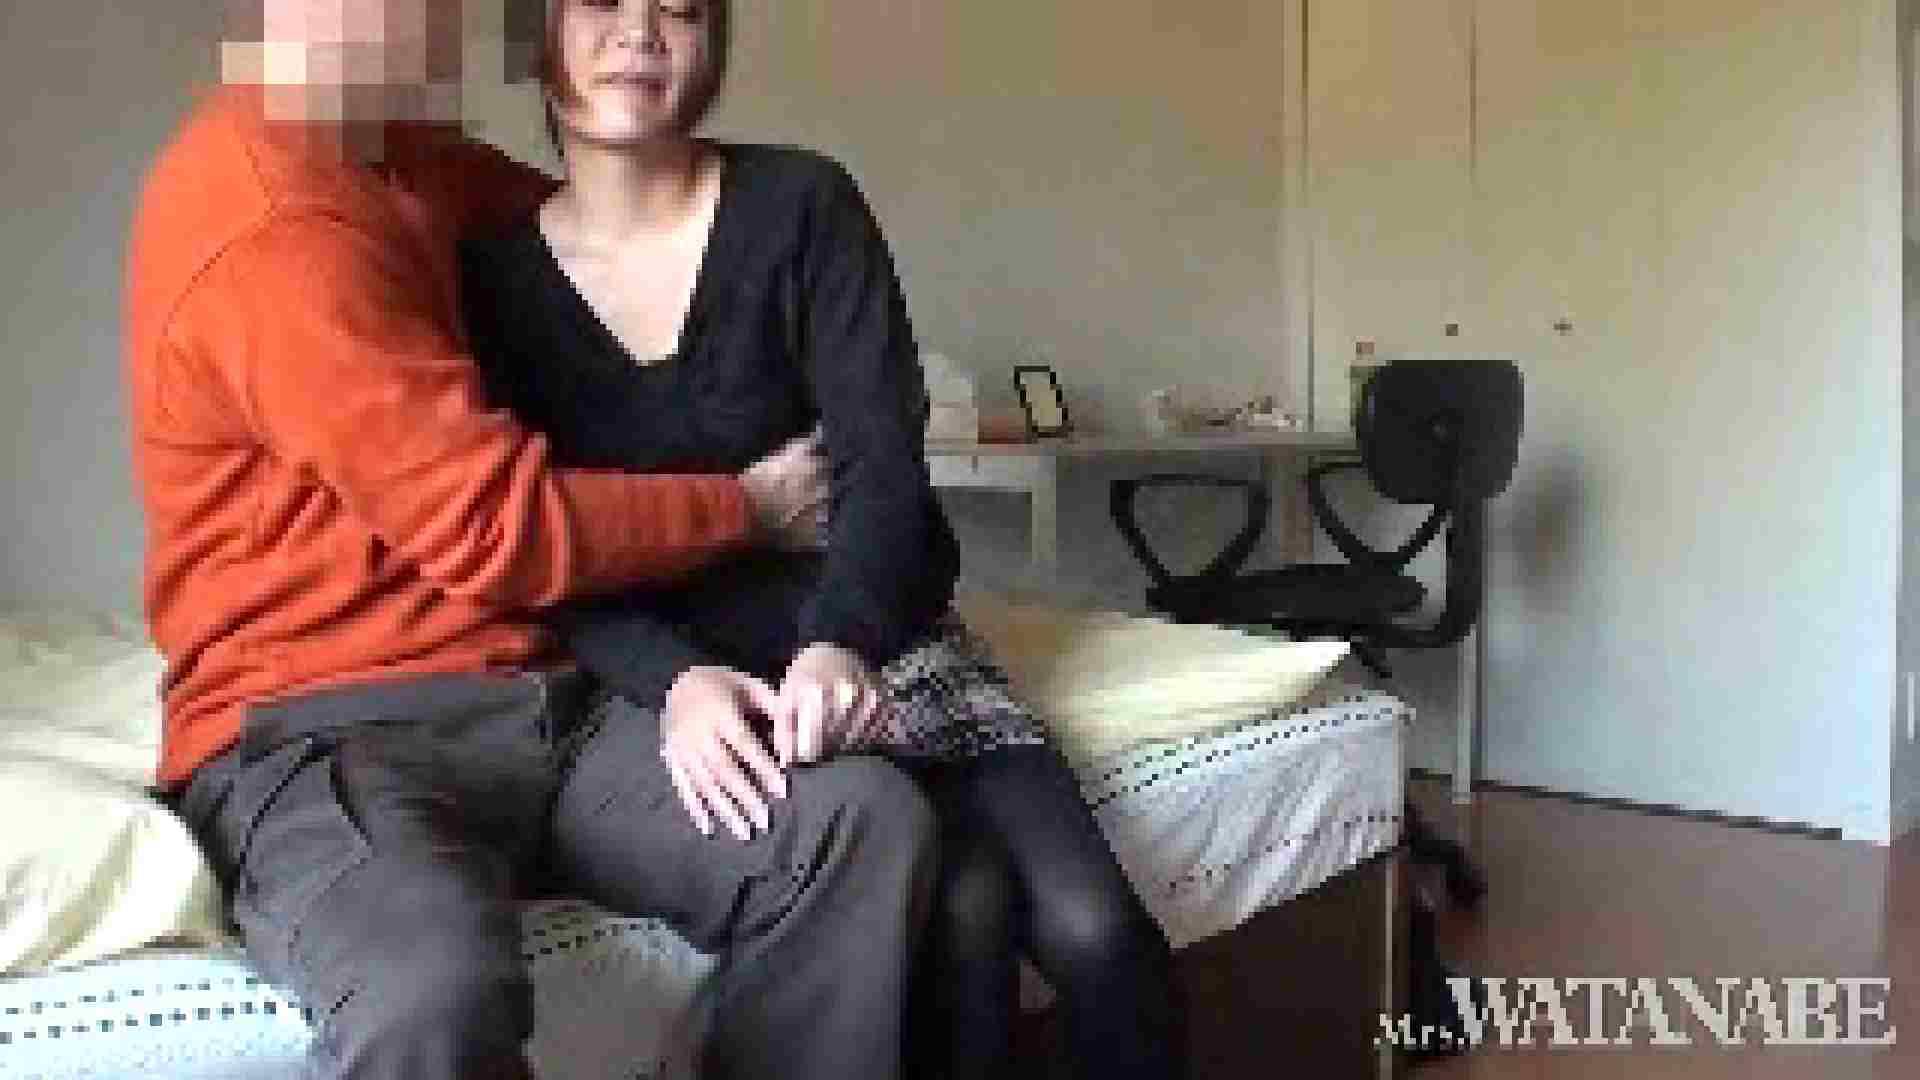 SNSで出会った人妻をハメ撮りしちゃいます 2回目 前編 人妻達のヌード | オナニー特集  65連発 28